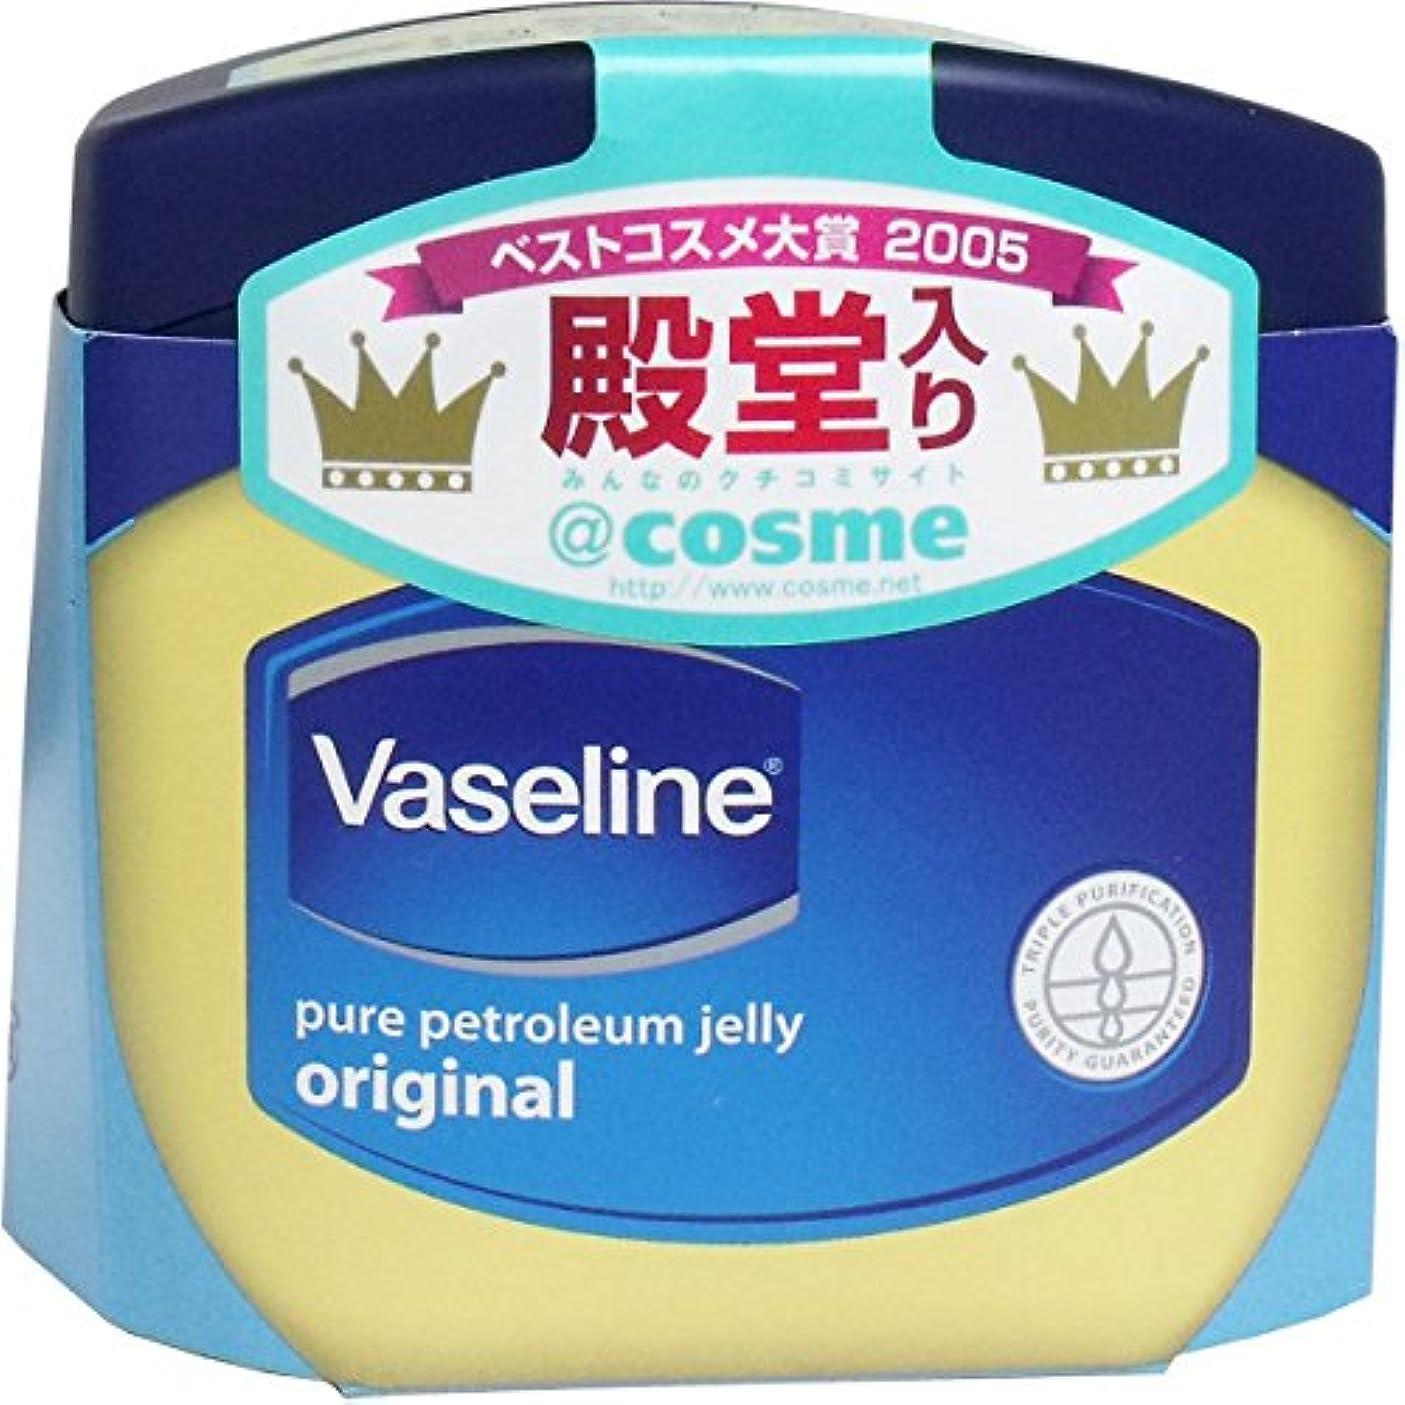 アウター予感アスレチック【Vaseline】ヴァセリン ピュアスキンジェリー (スキンオイル) 200g ×20個セット